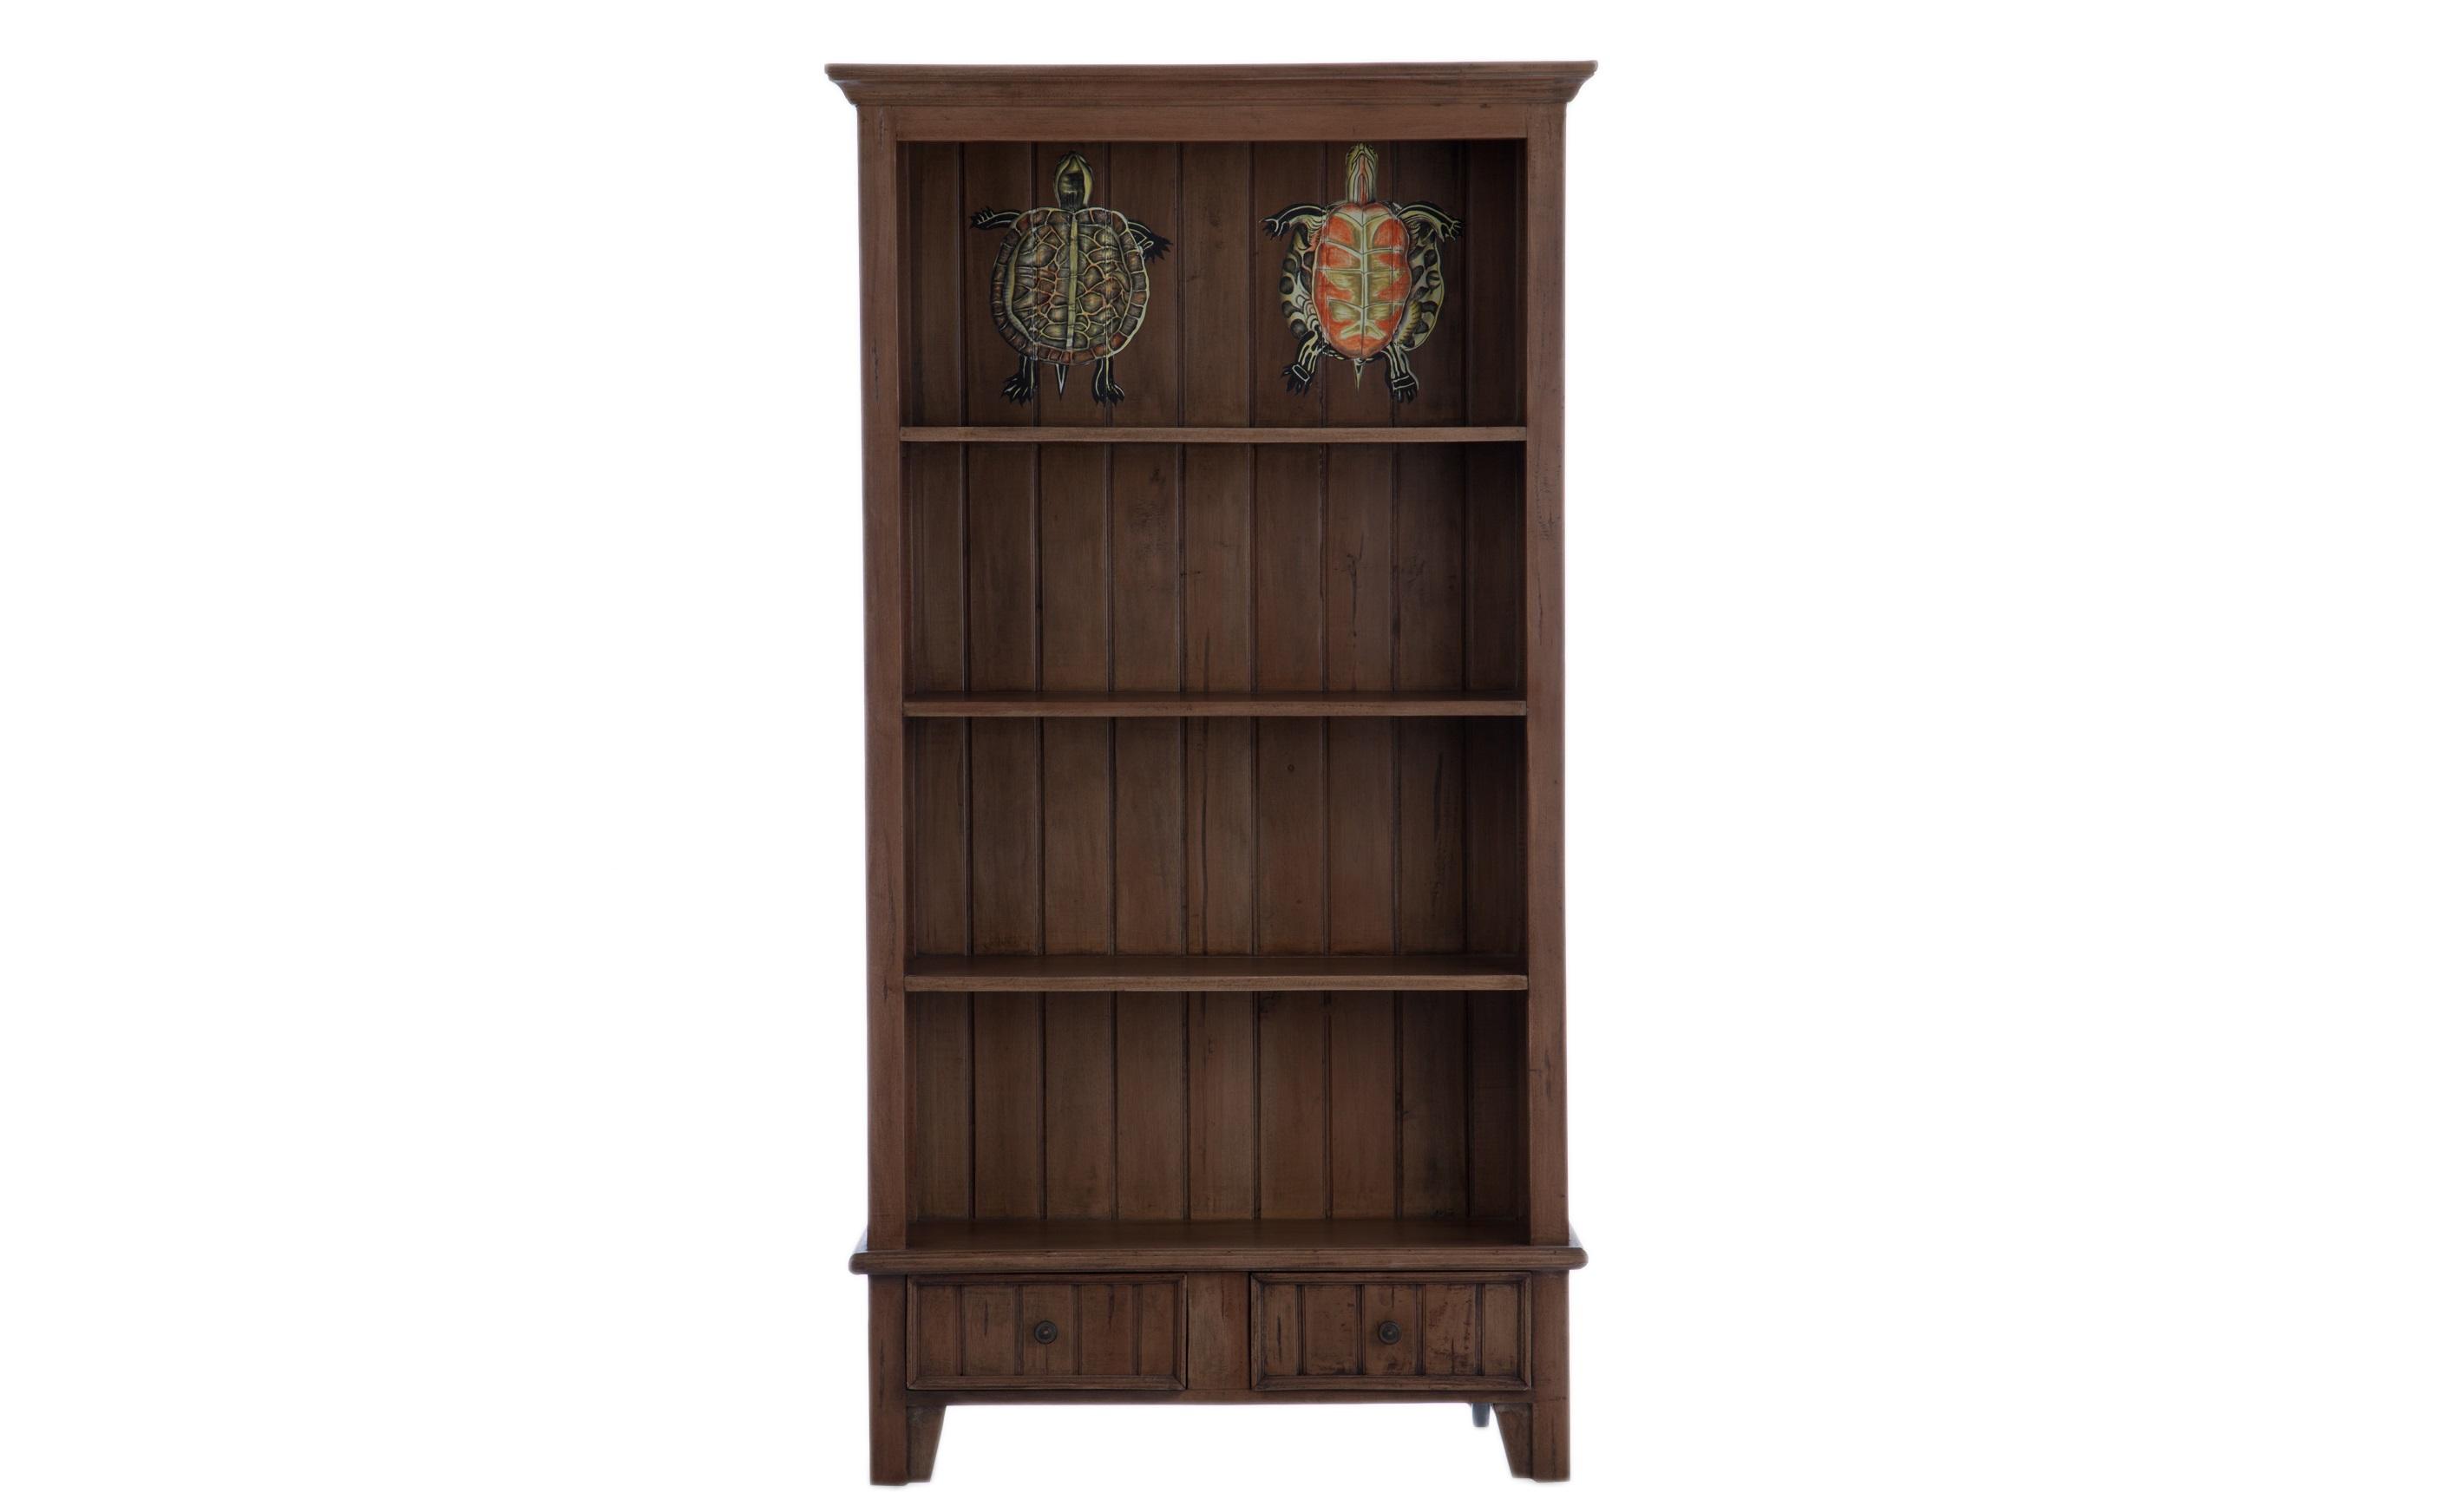 Книжный шкафКнижные шкафы и библиотеки<br>Книжный шкаф из дерева махагони с полками и выдвижными ящиками, декорирован росписью ручной работы.<br><br>Material: Красное дерево<br>Width см: 98<br>Depth см: 34<br>Height см: 181